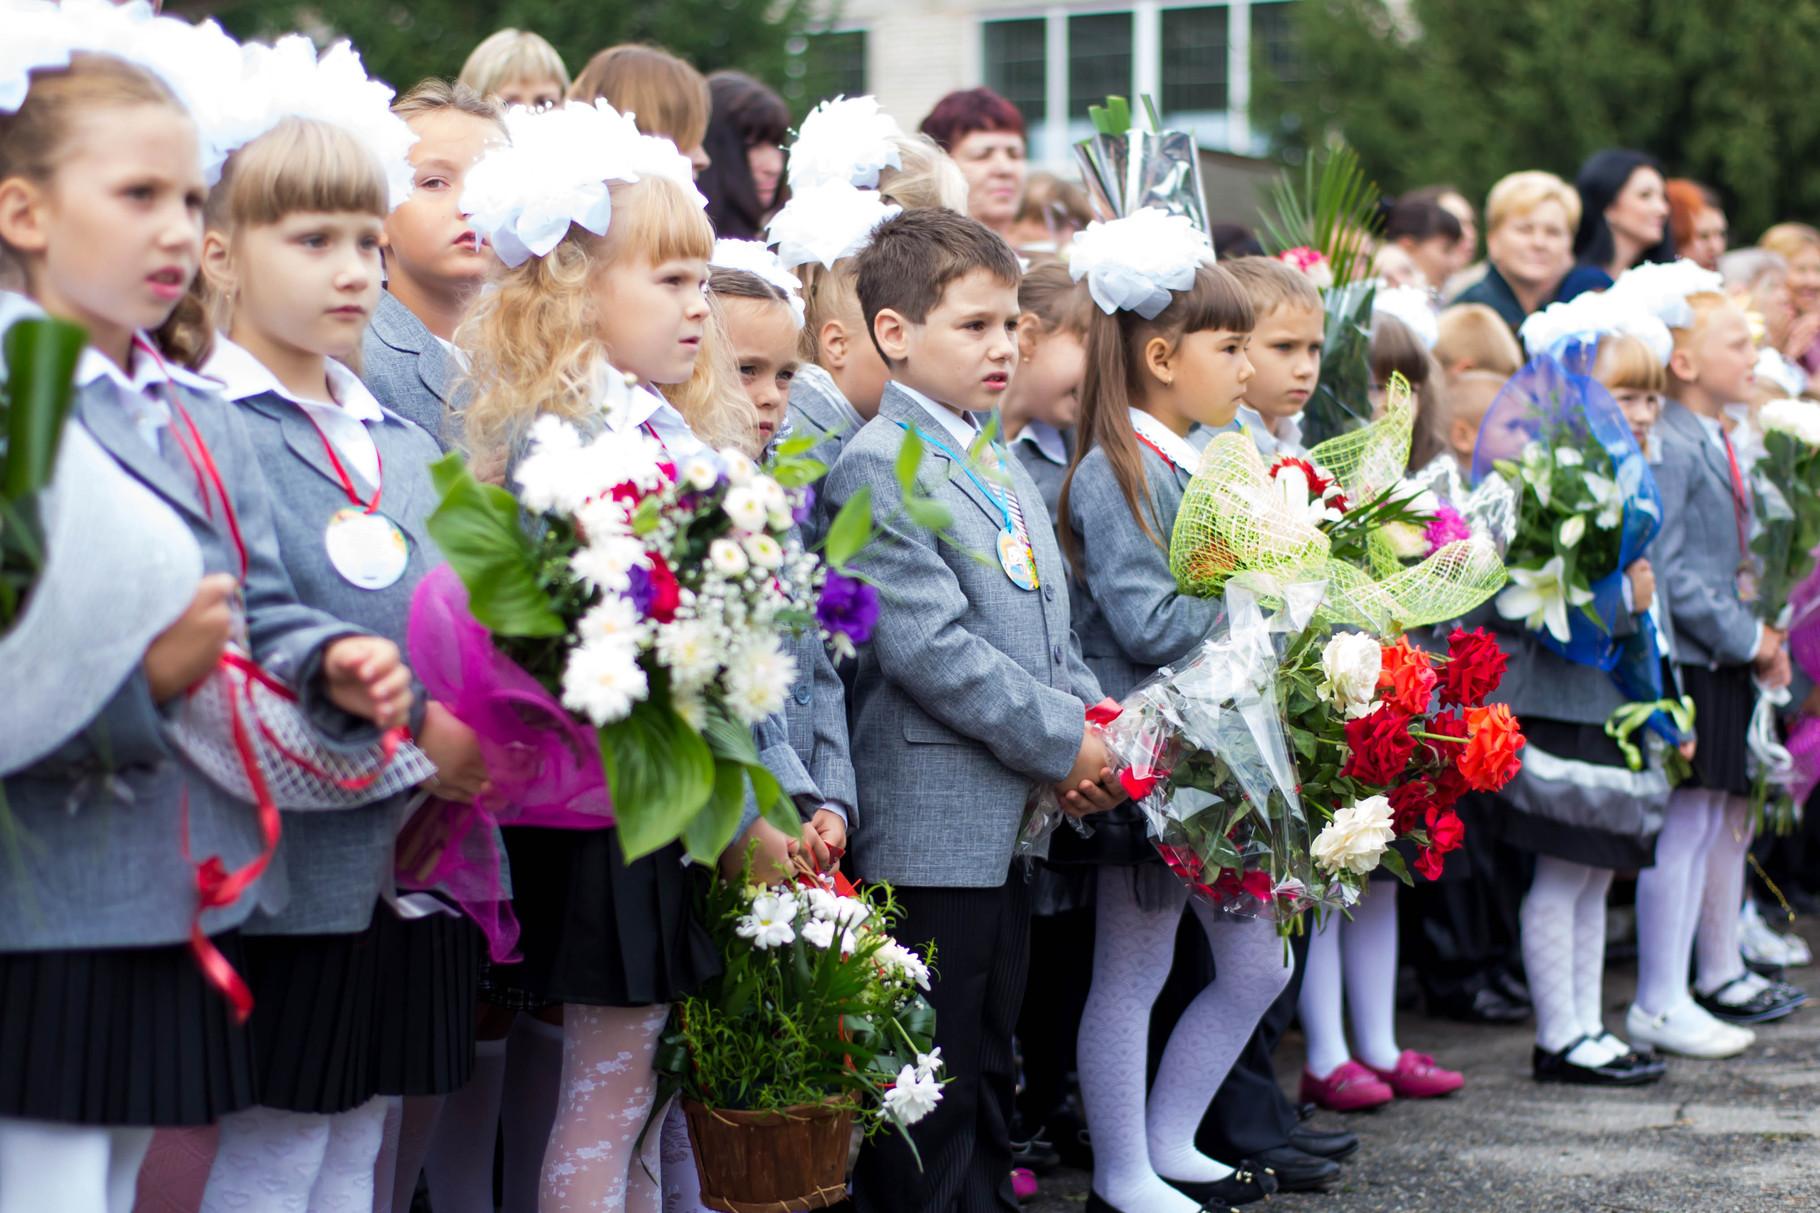 Прийшли до школи  ми такими малюками, букети квітів всі тримали у руках.